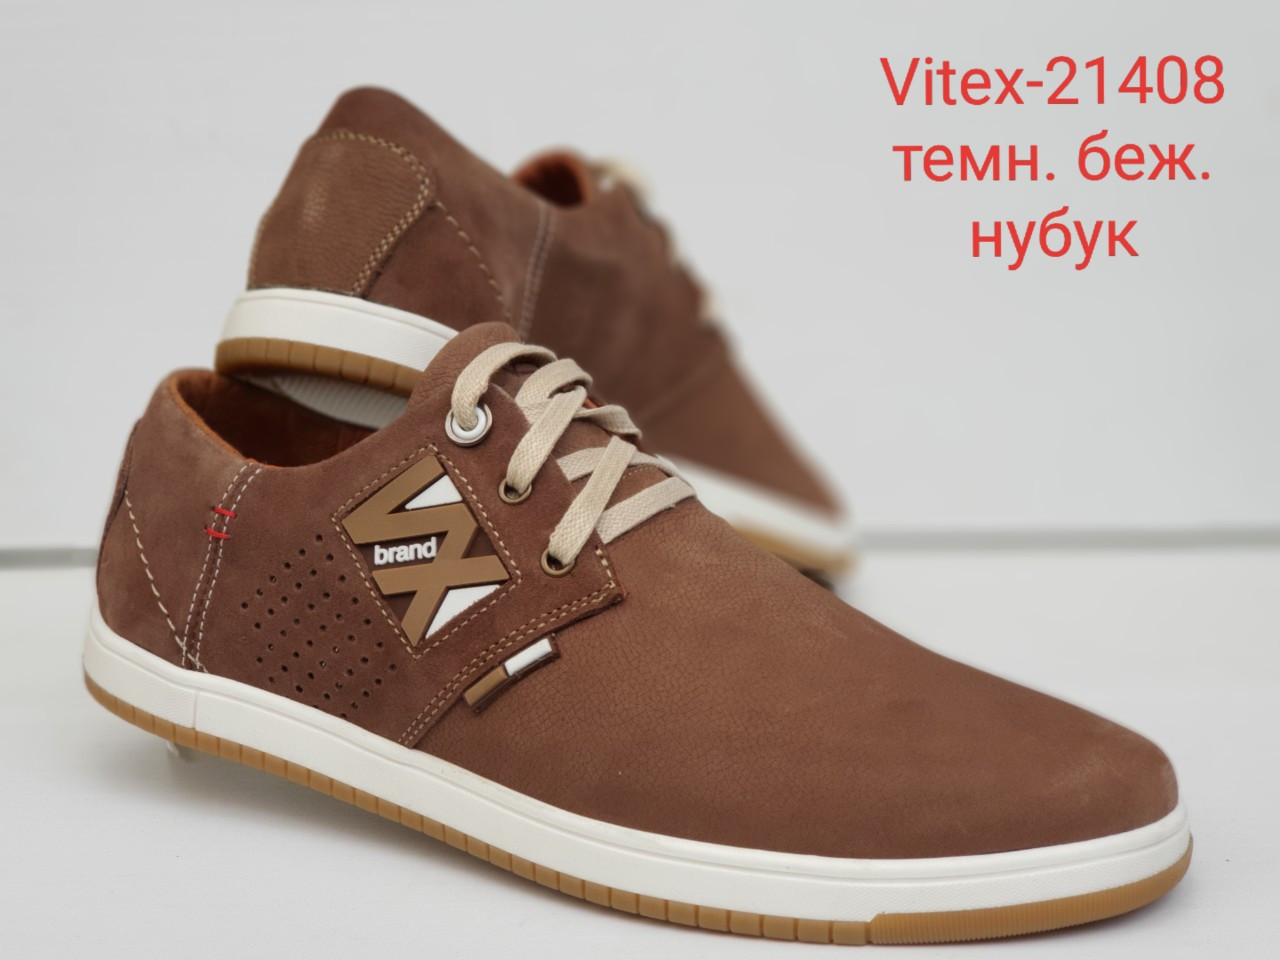 Демисезонные кроссовки Vitex 21408 нубук беж